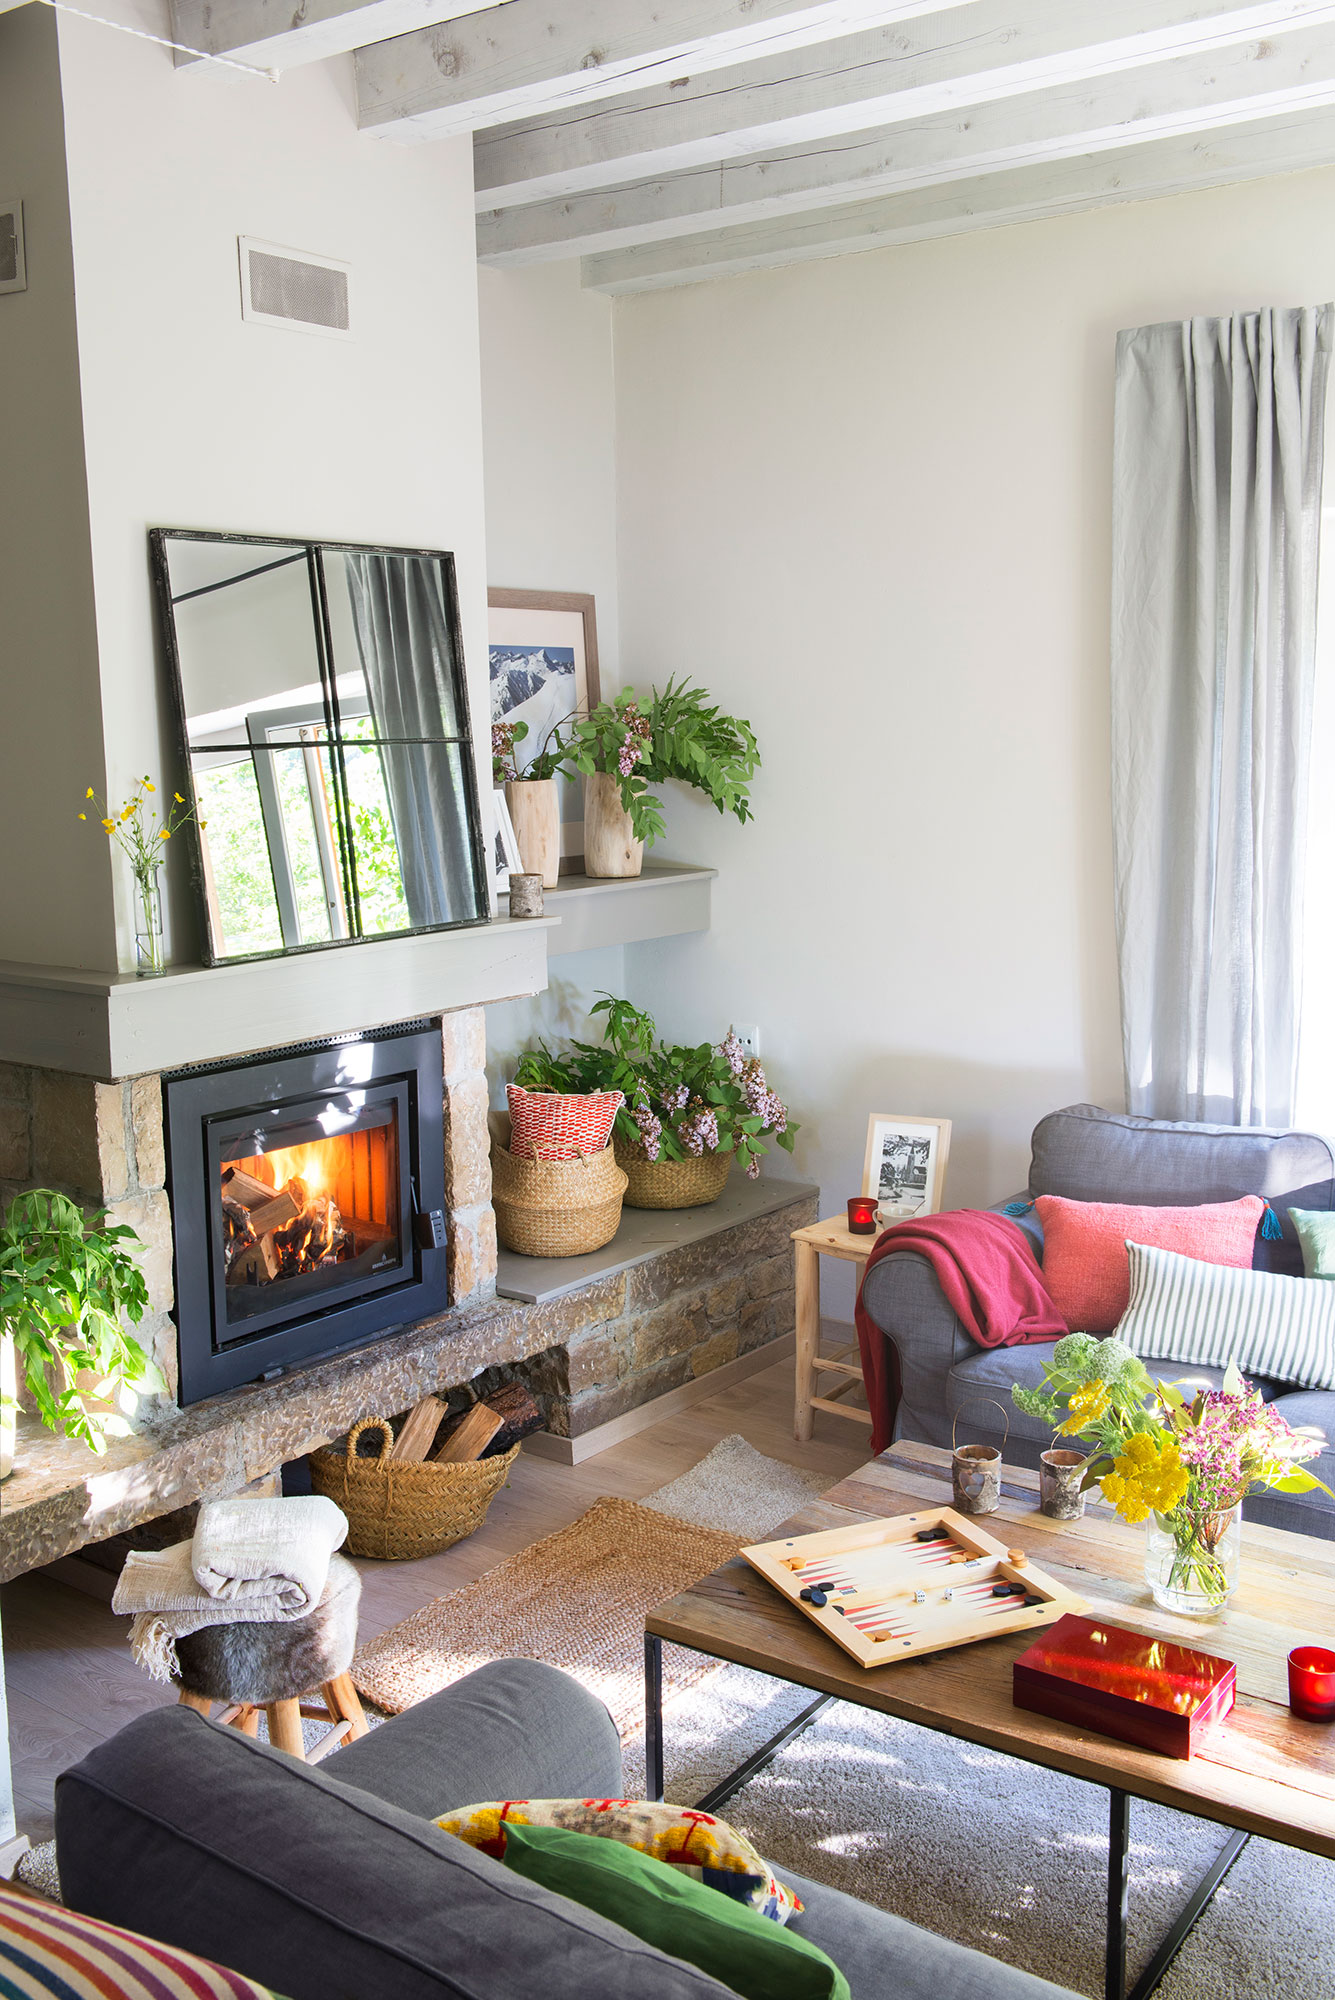 saln rstico actual con vigas pintadas en blanco grisceo y chimenea - Salones Rusticos Con Chimenea